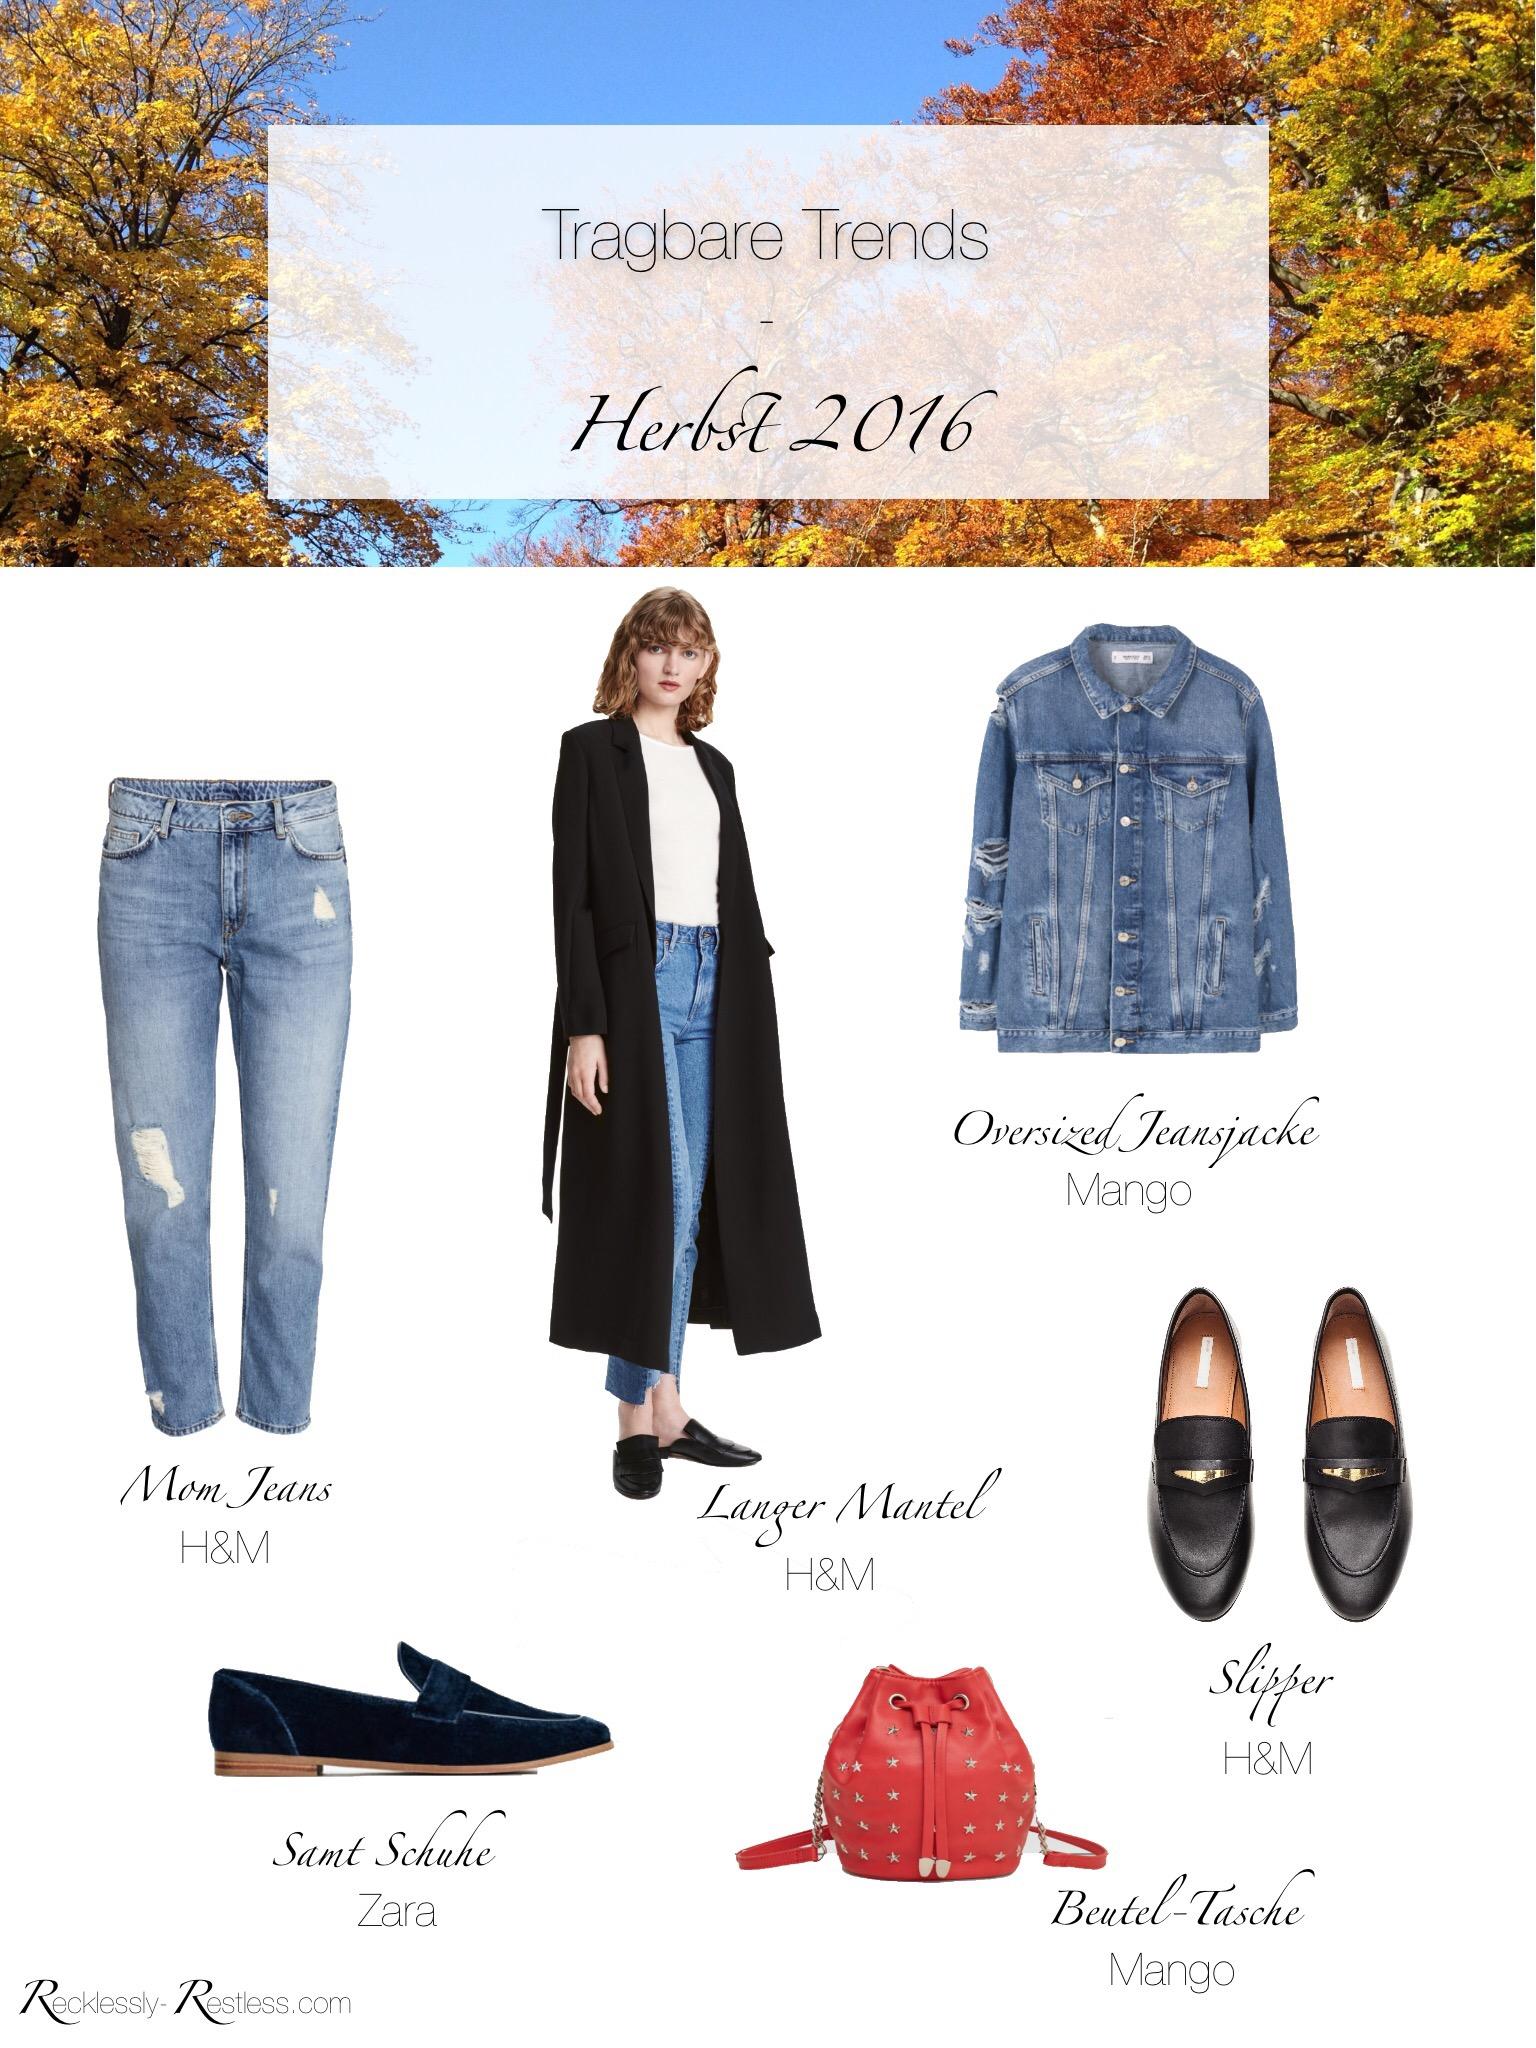 Herbst Trends 2016